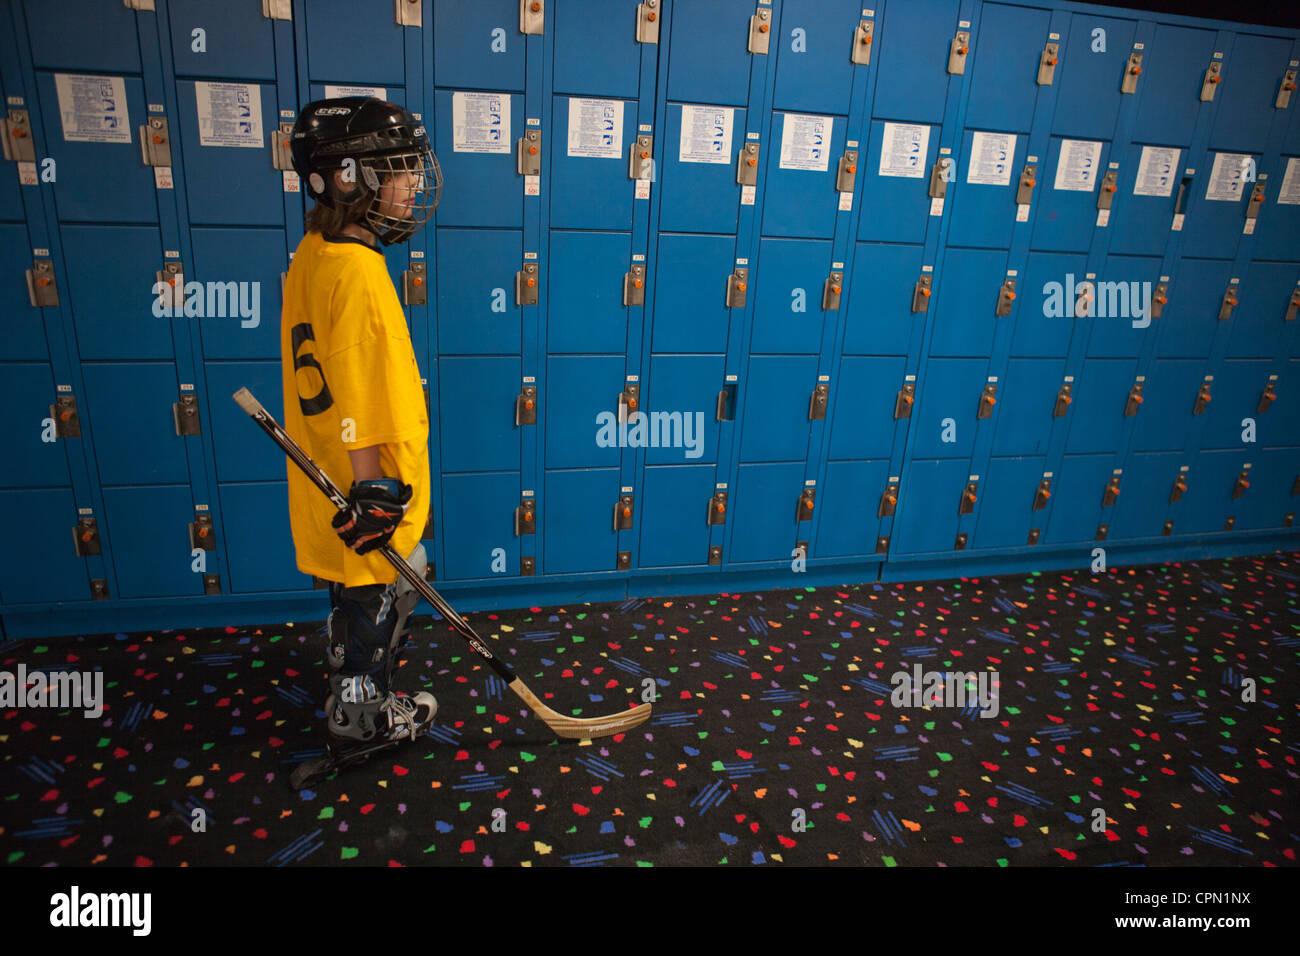 Neuf ans habillé pour roller hockey debout devant un mur de casiers bleus. Photo Stock